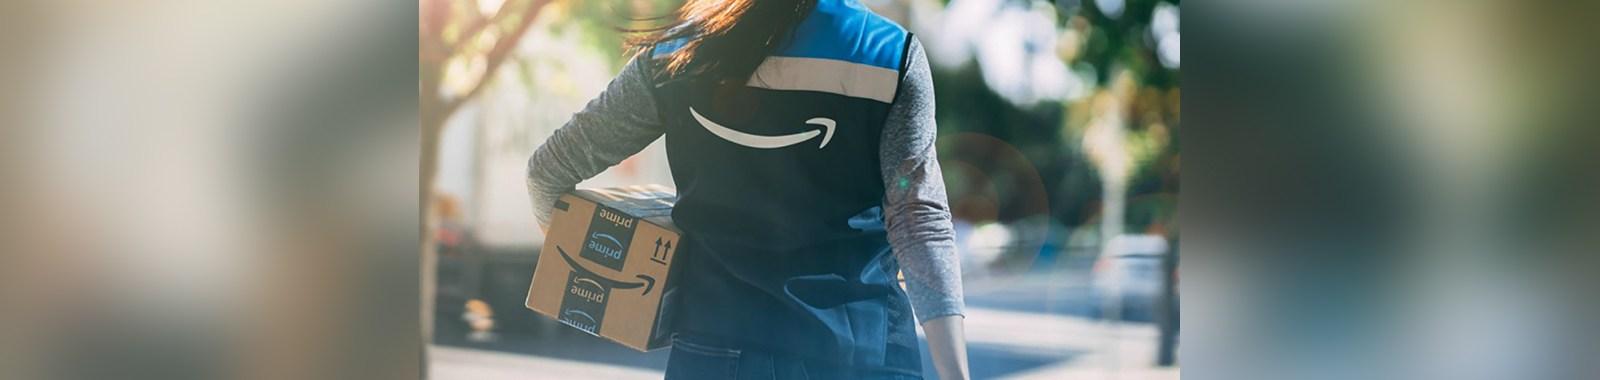 Amazon-employee-eye